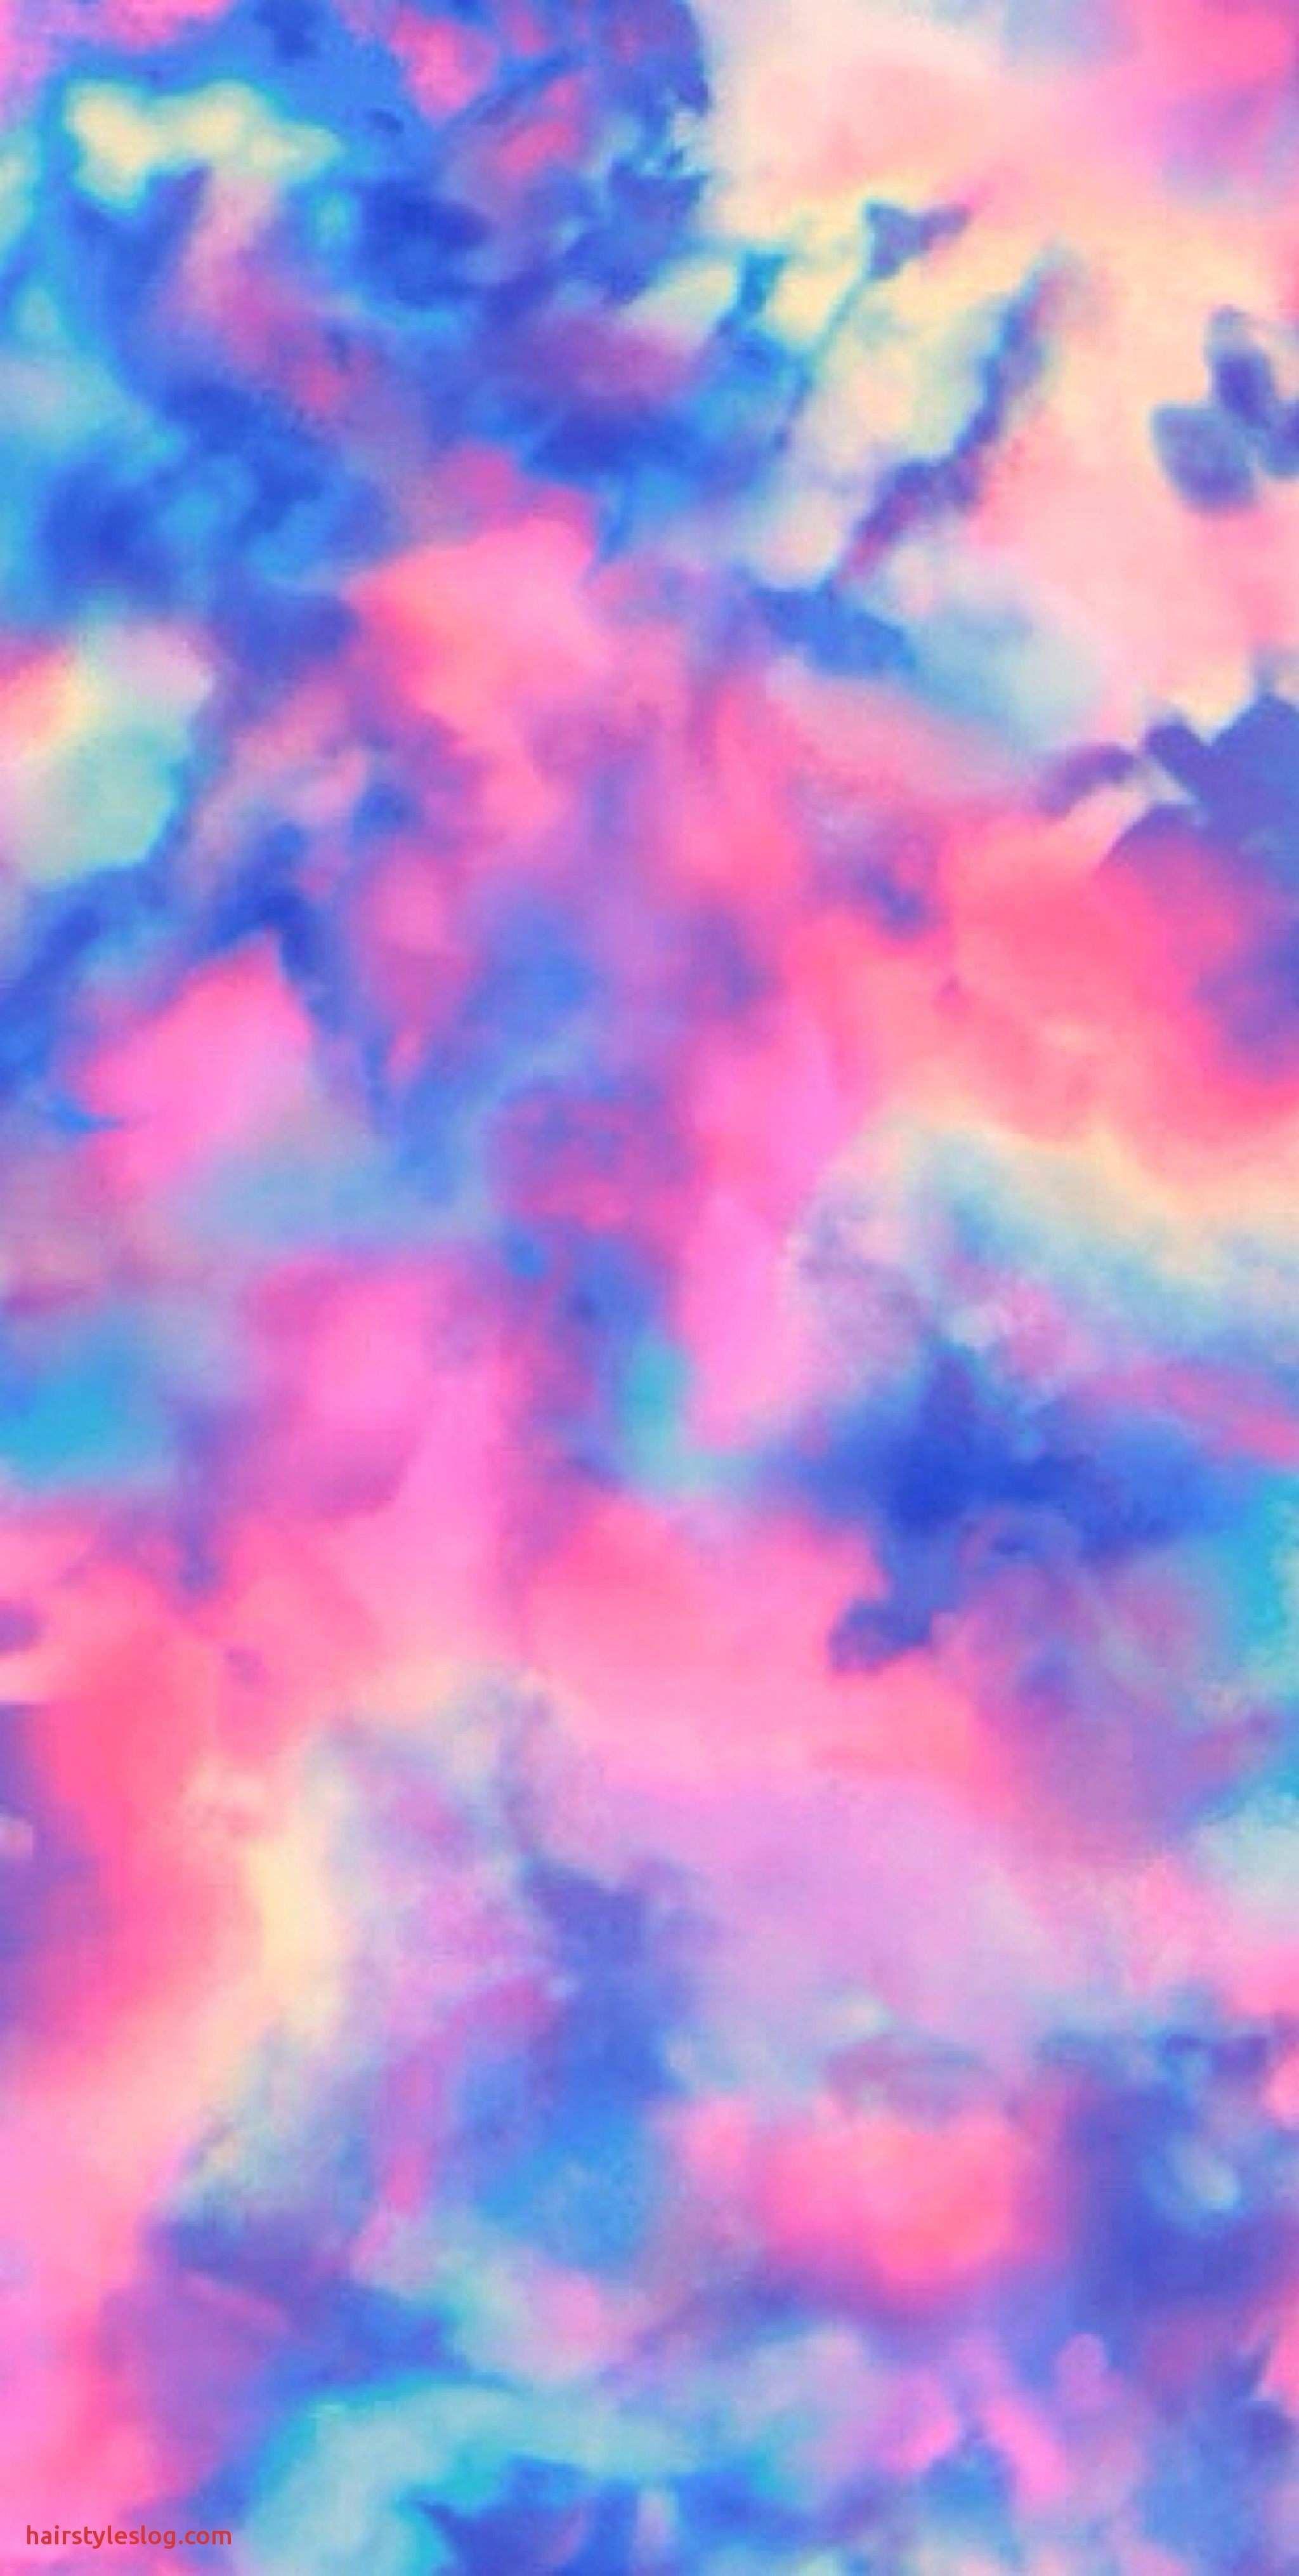 Sky Blue Cloud Pink Purple Atmosphere Papeis De Parede Coloridos Papel De Parede Hippie Papel De Parede Colorido